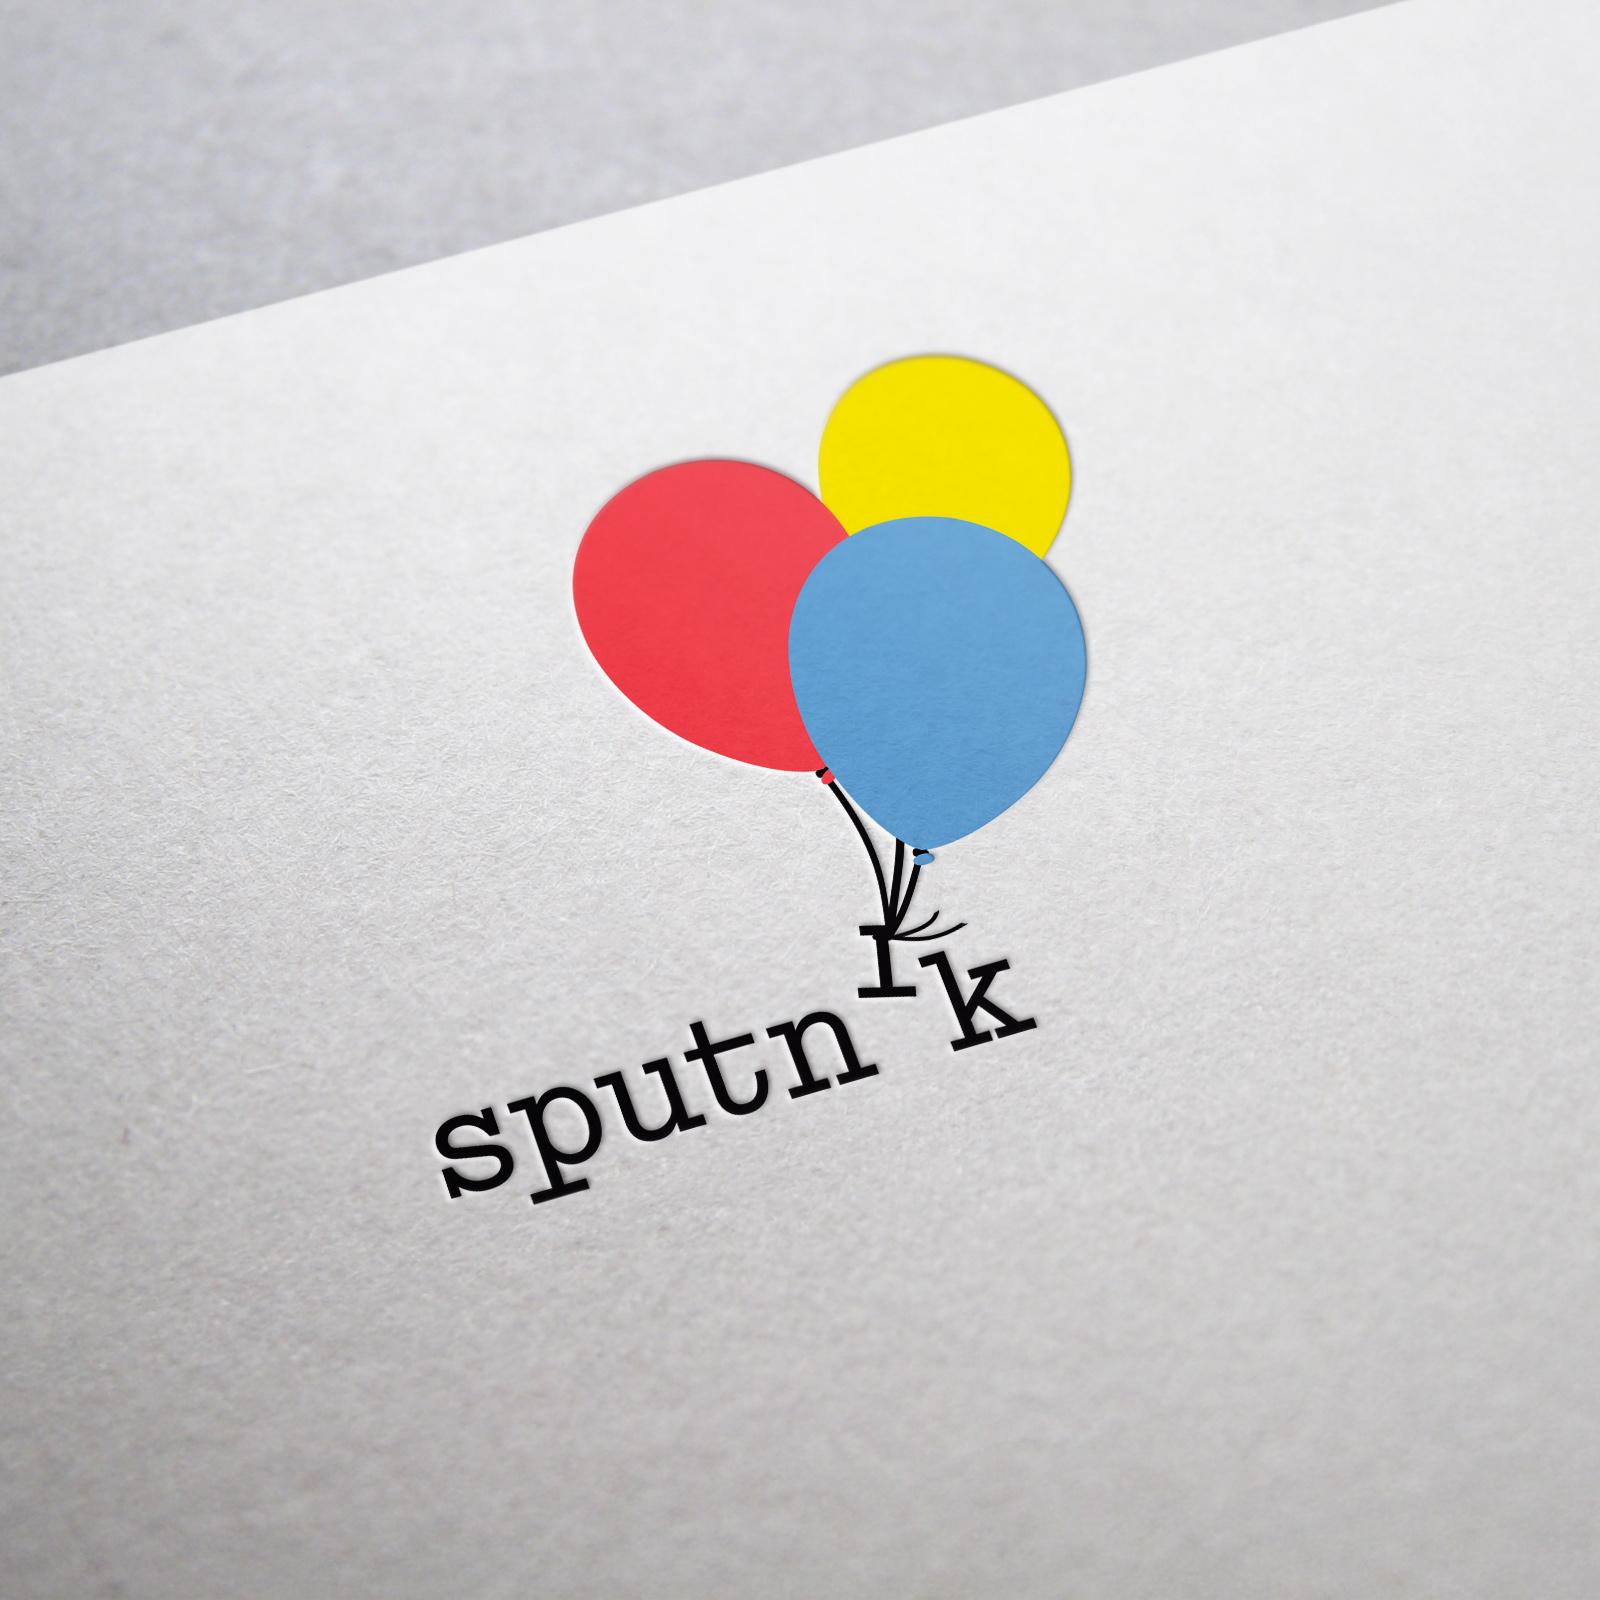 Branding Logo Name Sputnik